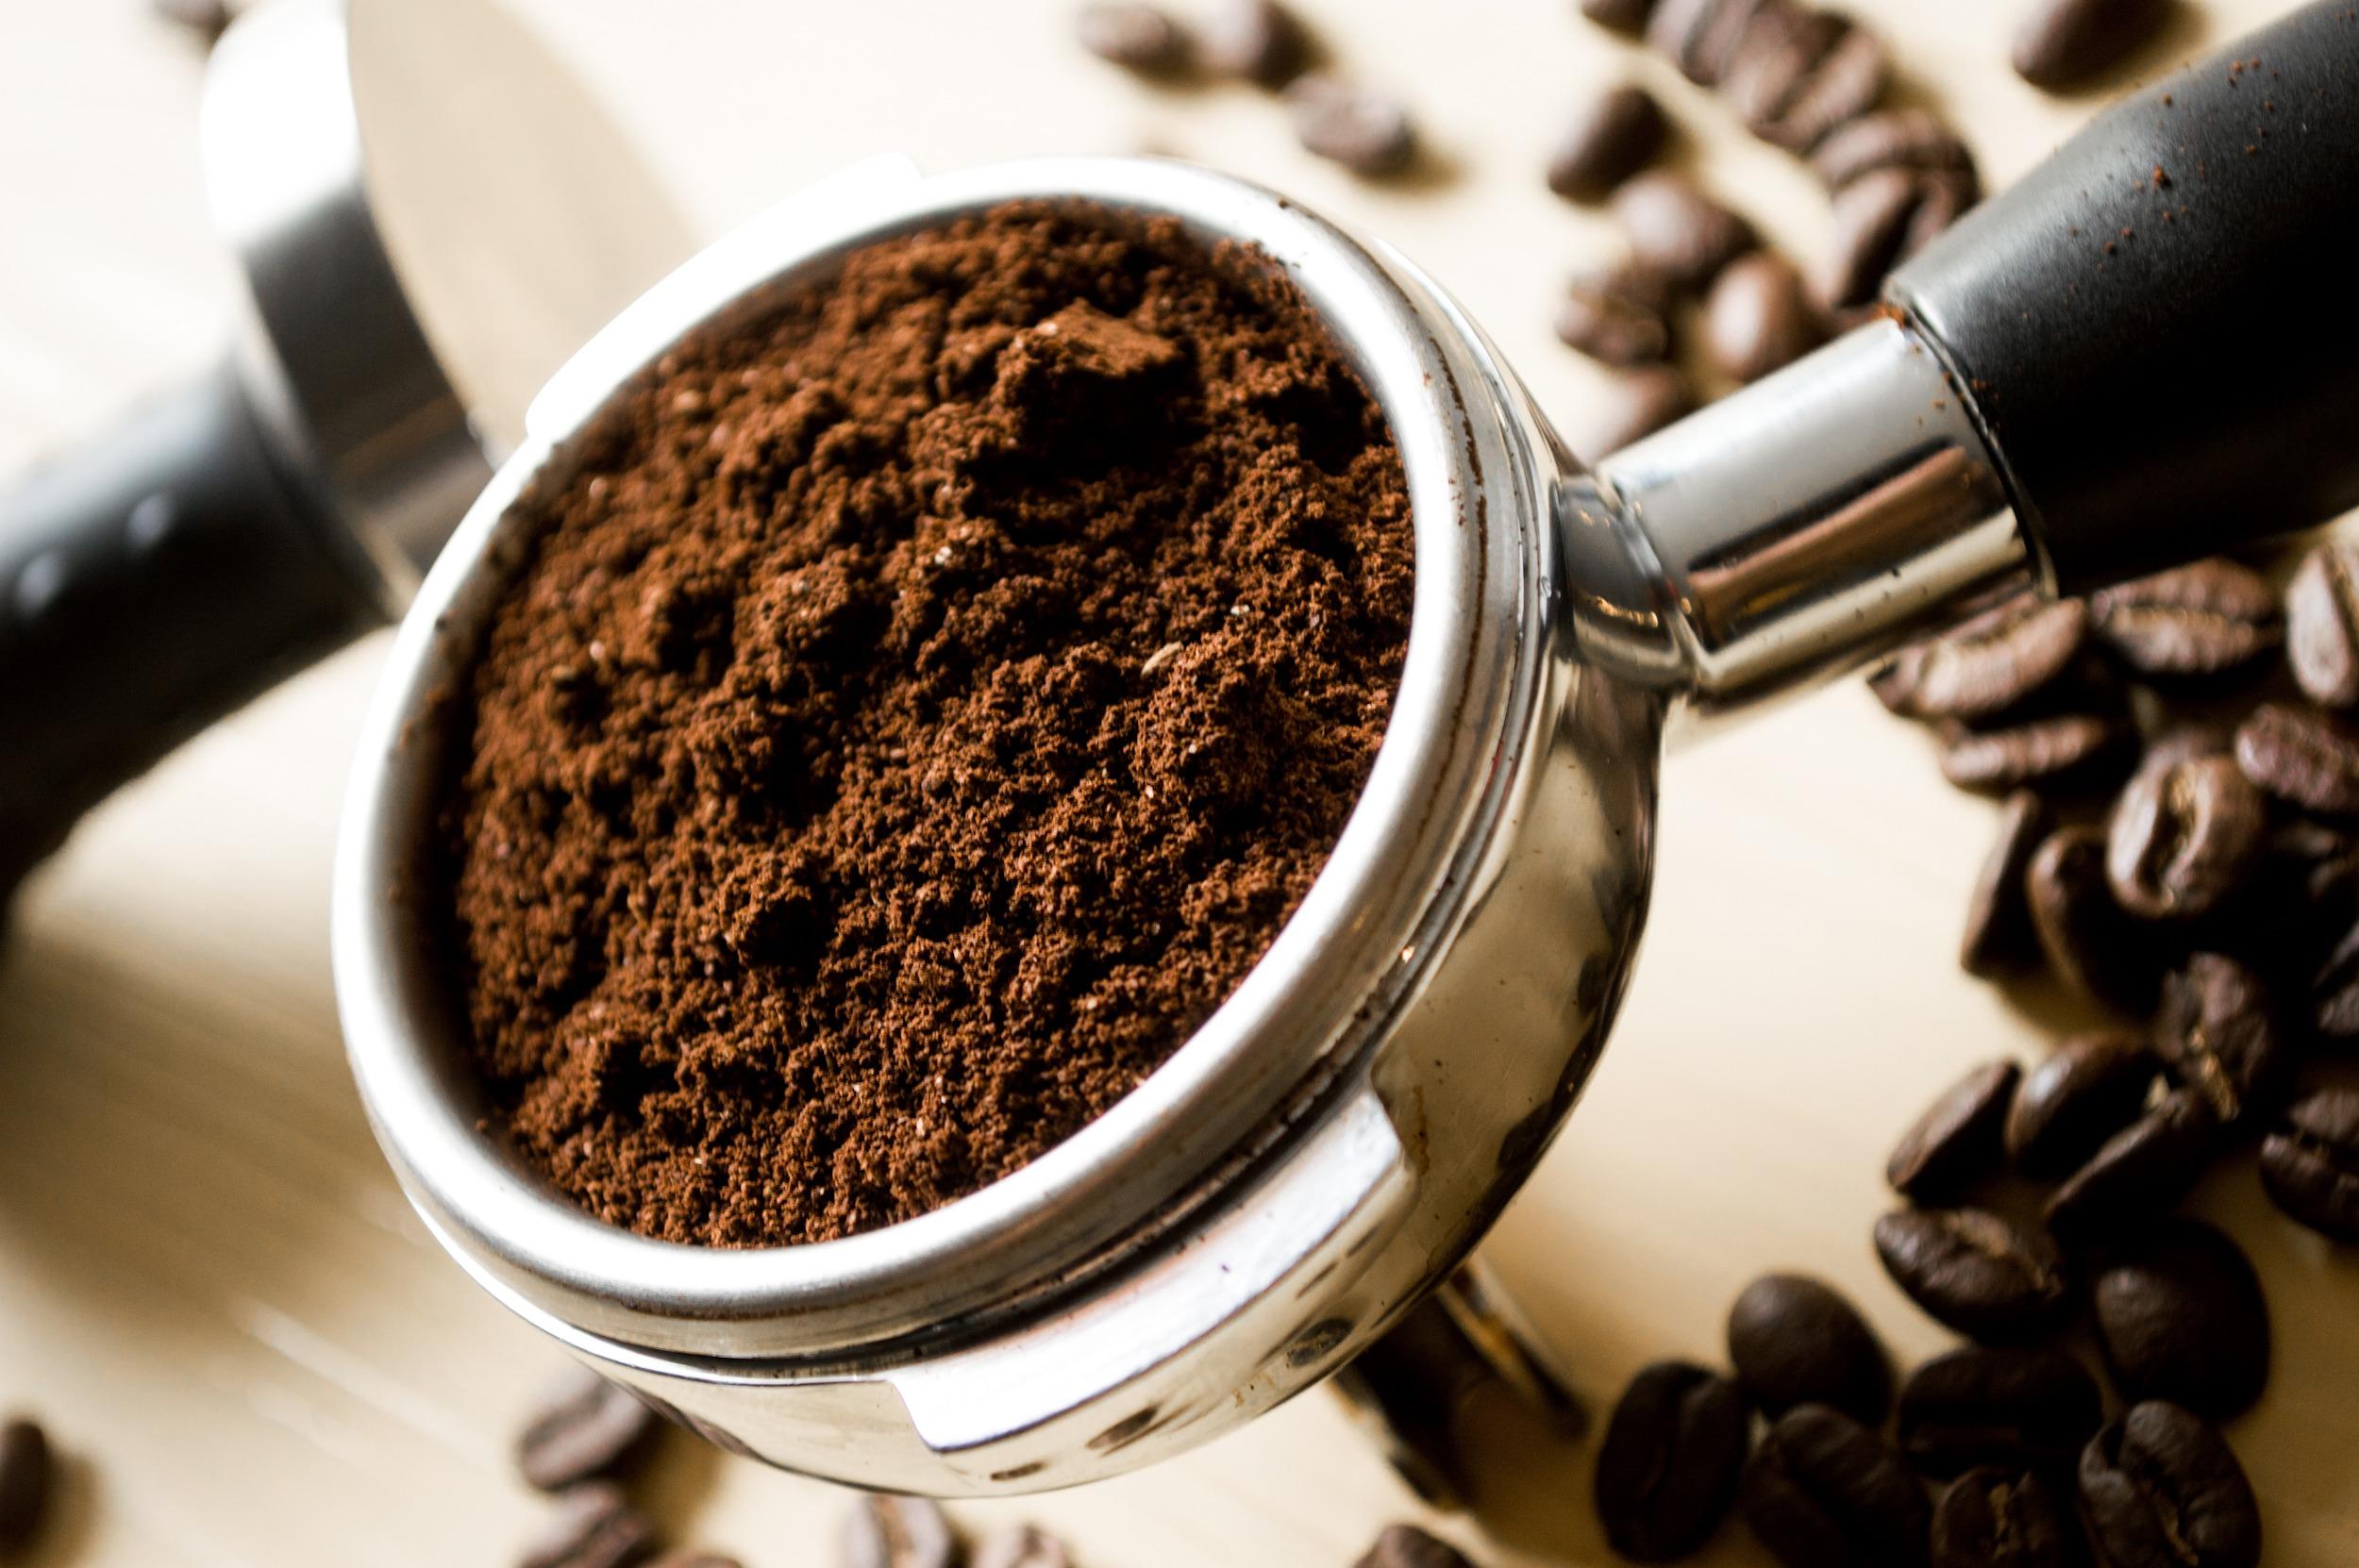 Kona Coffee Ground